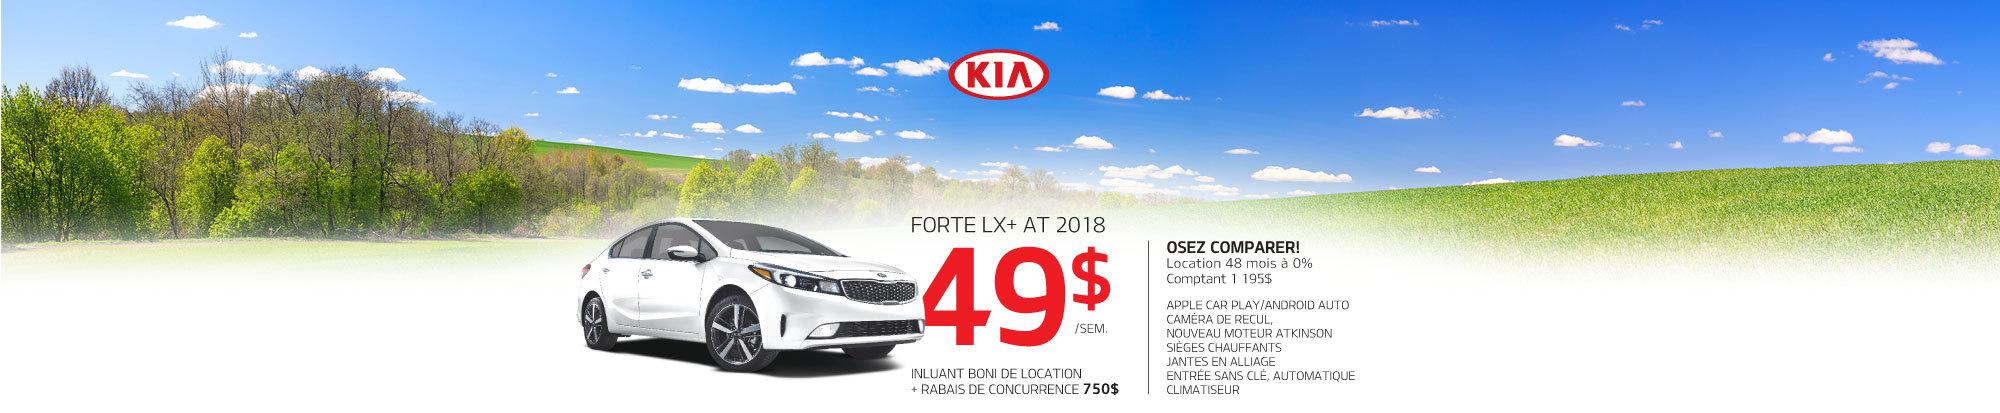 Forte LX+ Automatique 2018 à prix incroyable! web